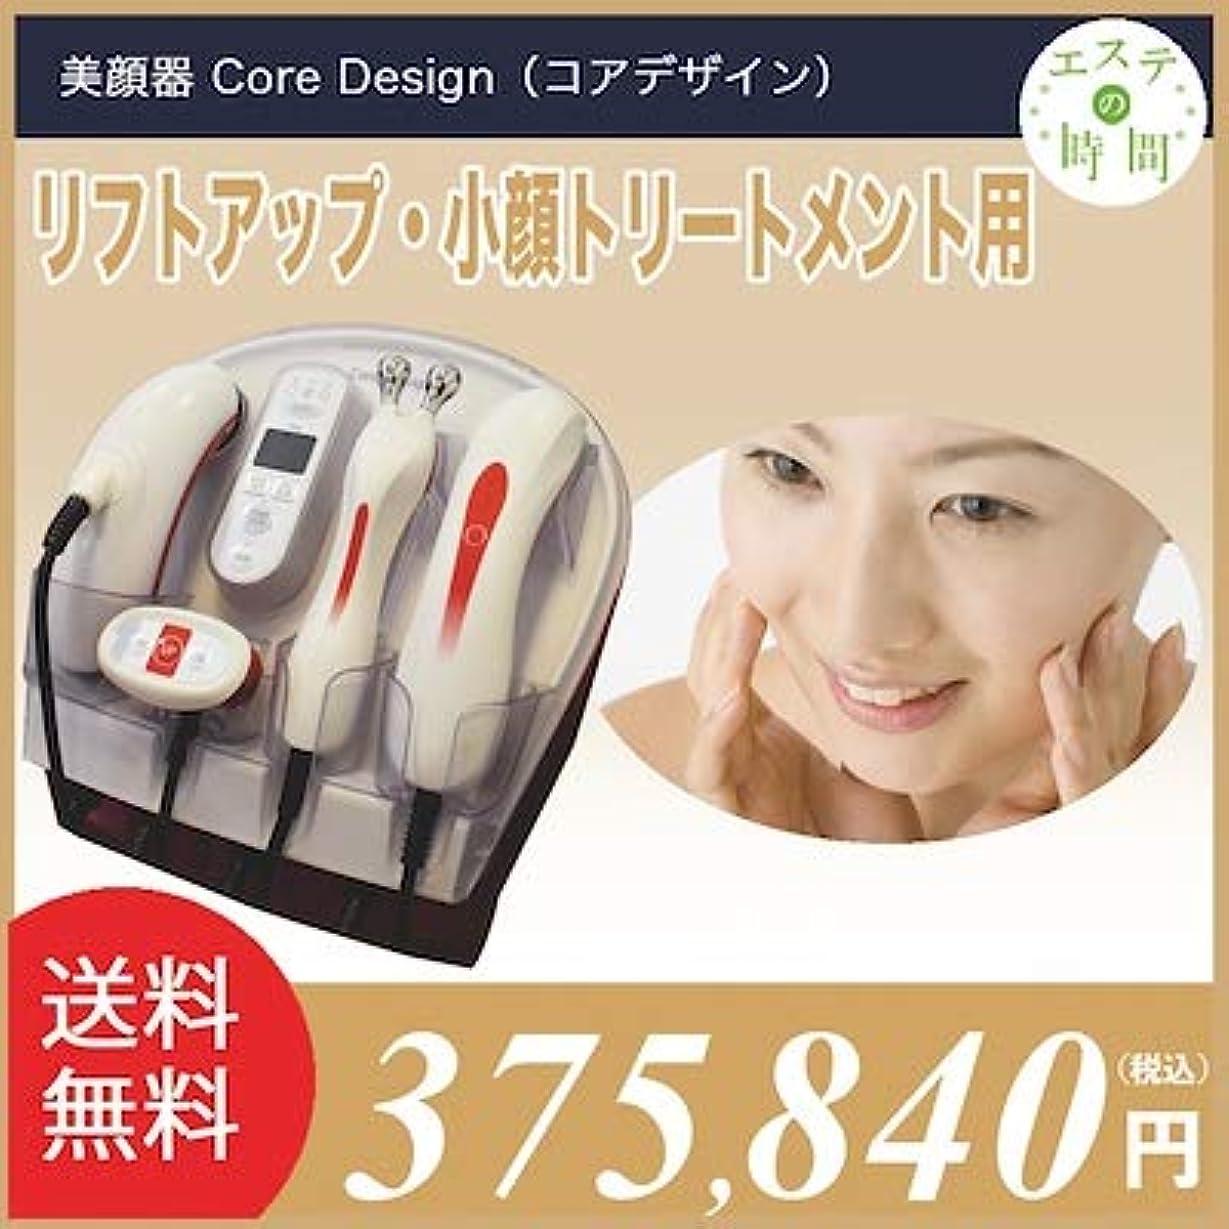 ステレオ不完全性能日本製 エステ業務用 美顔器 Core Design (コアデザイン)/ 全国どこでも無償納品研修付